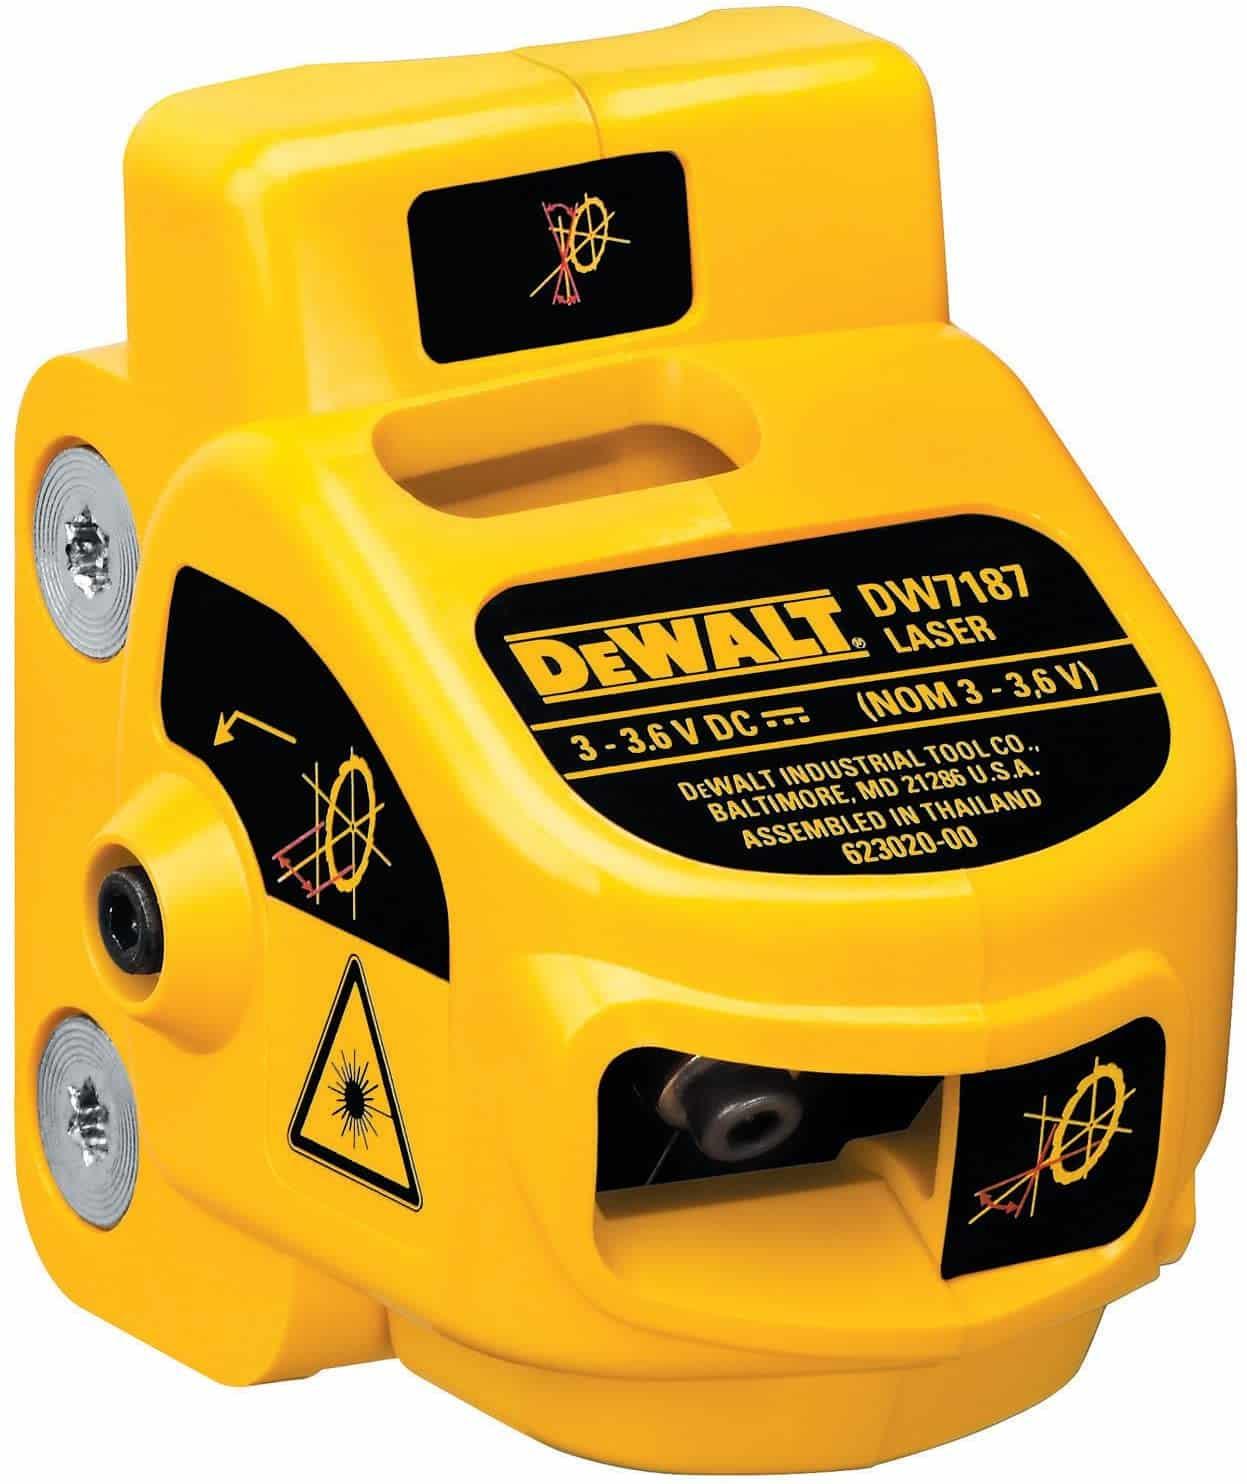 dewalt dw7187 adjustable miter saw laser system